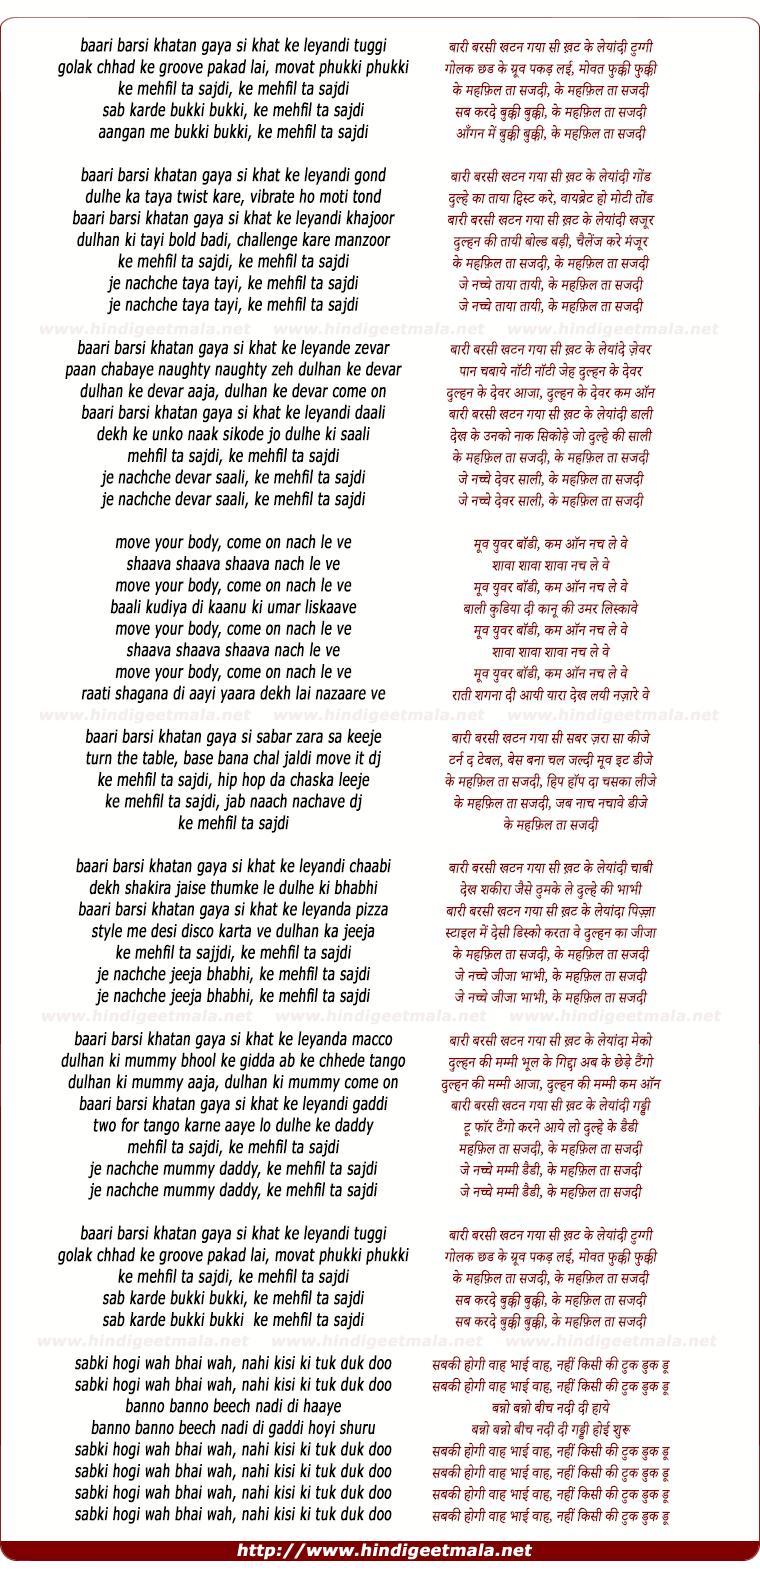 lyrics of song Baari Barsi Khatn Gaya Si